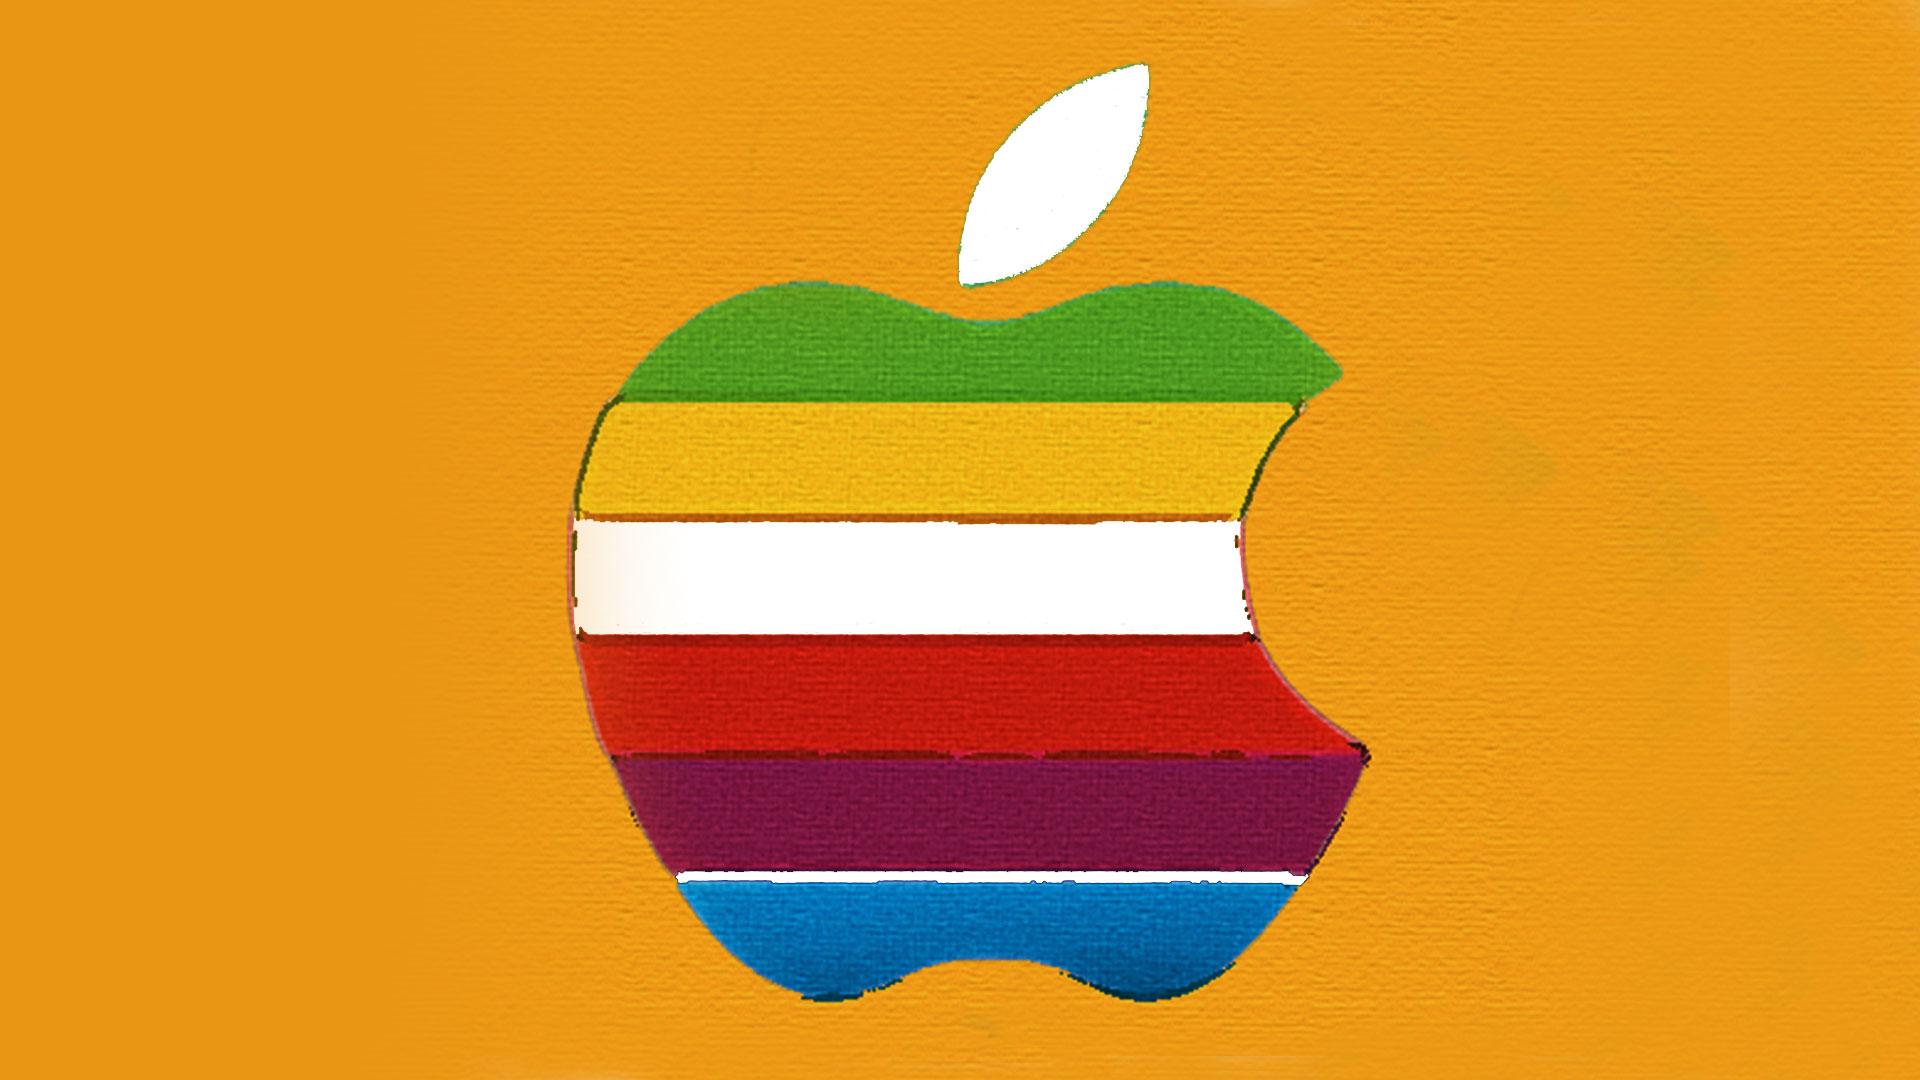 Eumodo Apple 3 web